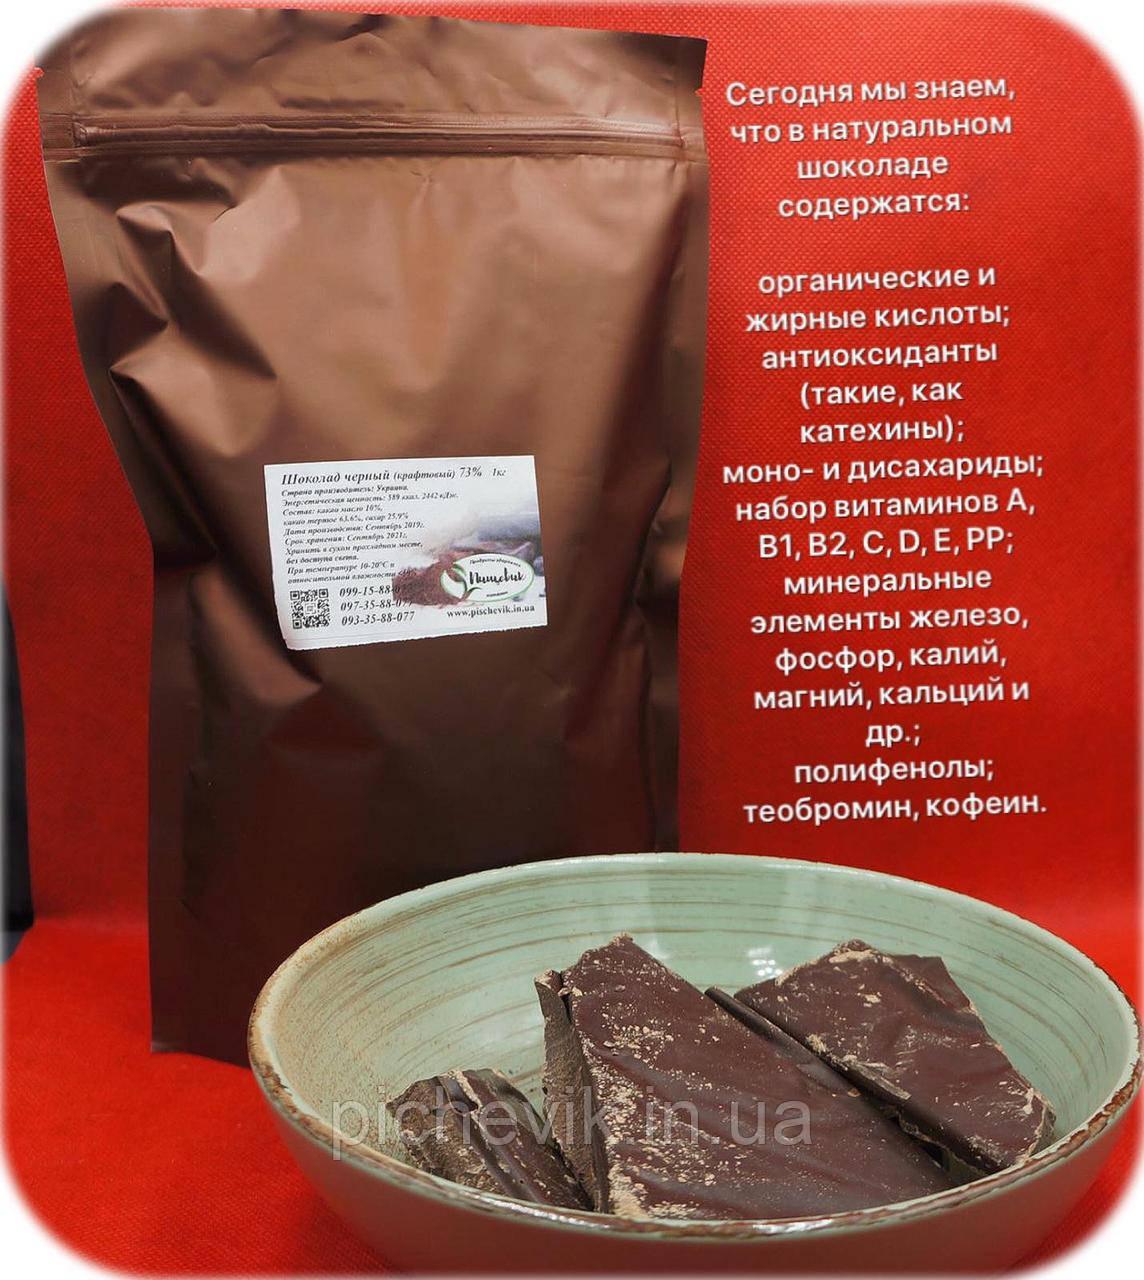 Крафтовий чорний шоколад 56 % (Украина) Вес 1 кг